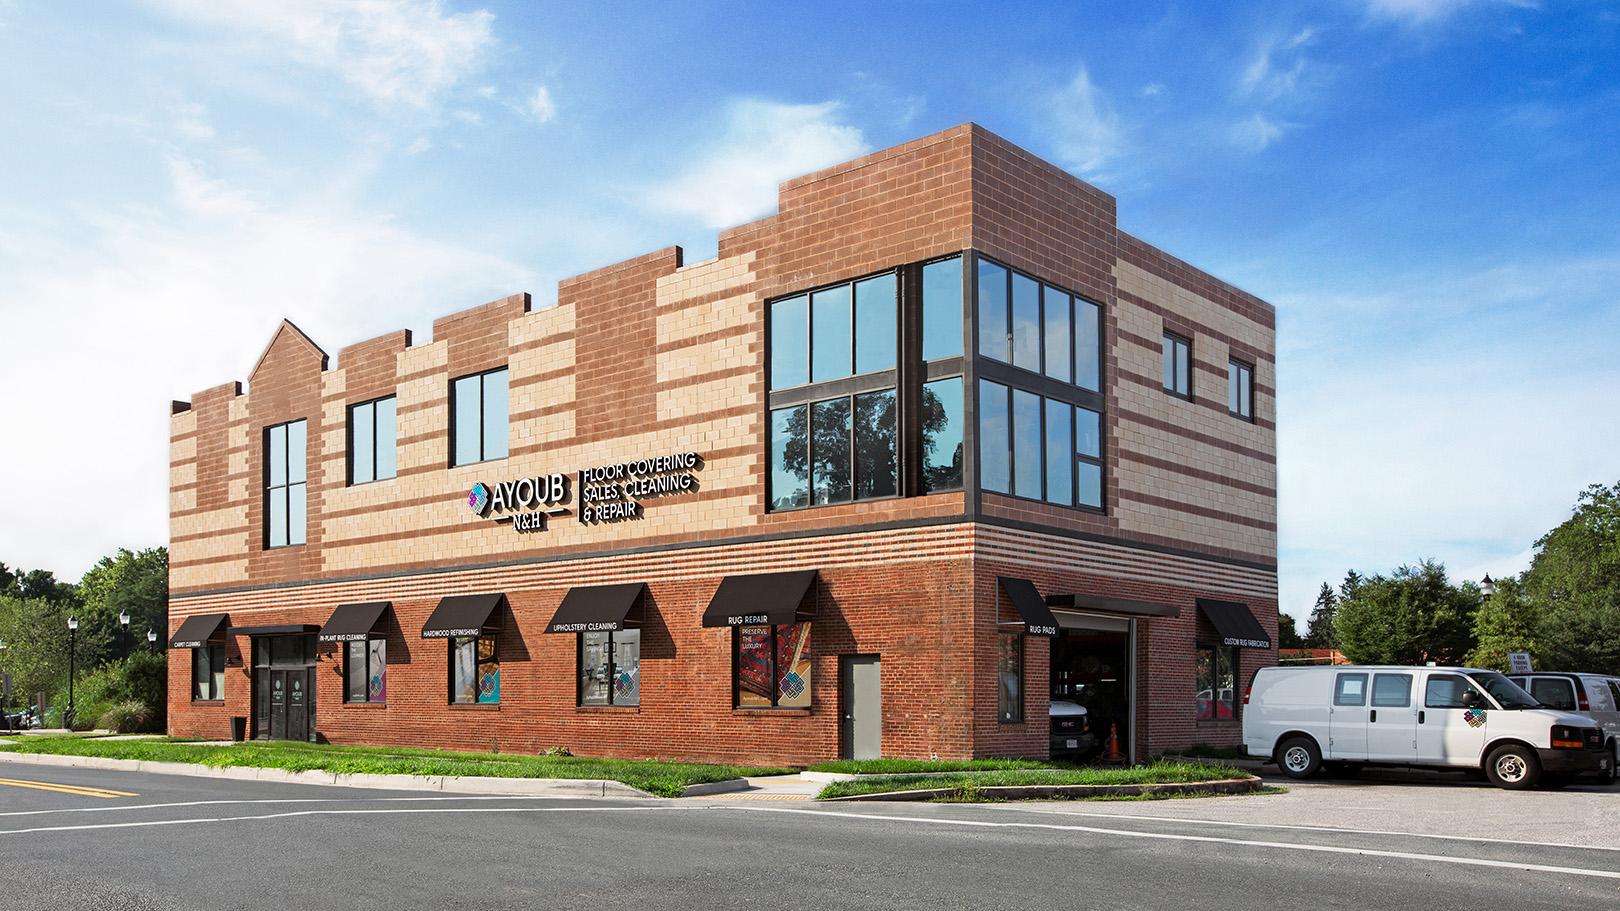 Ayoub N&H_Showroom-Building_R2D1-001-2